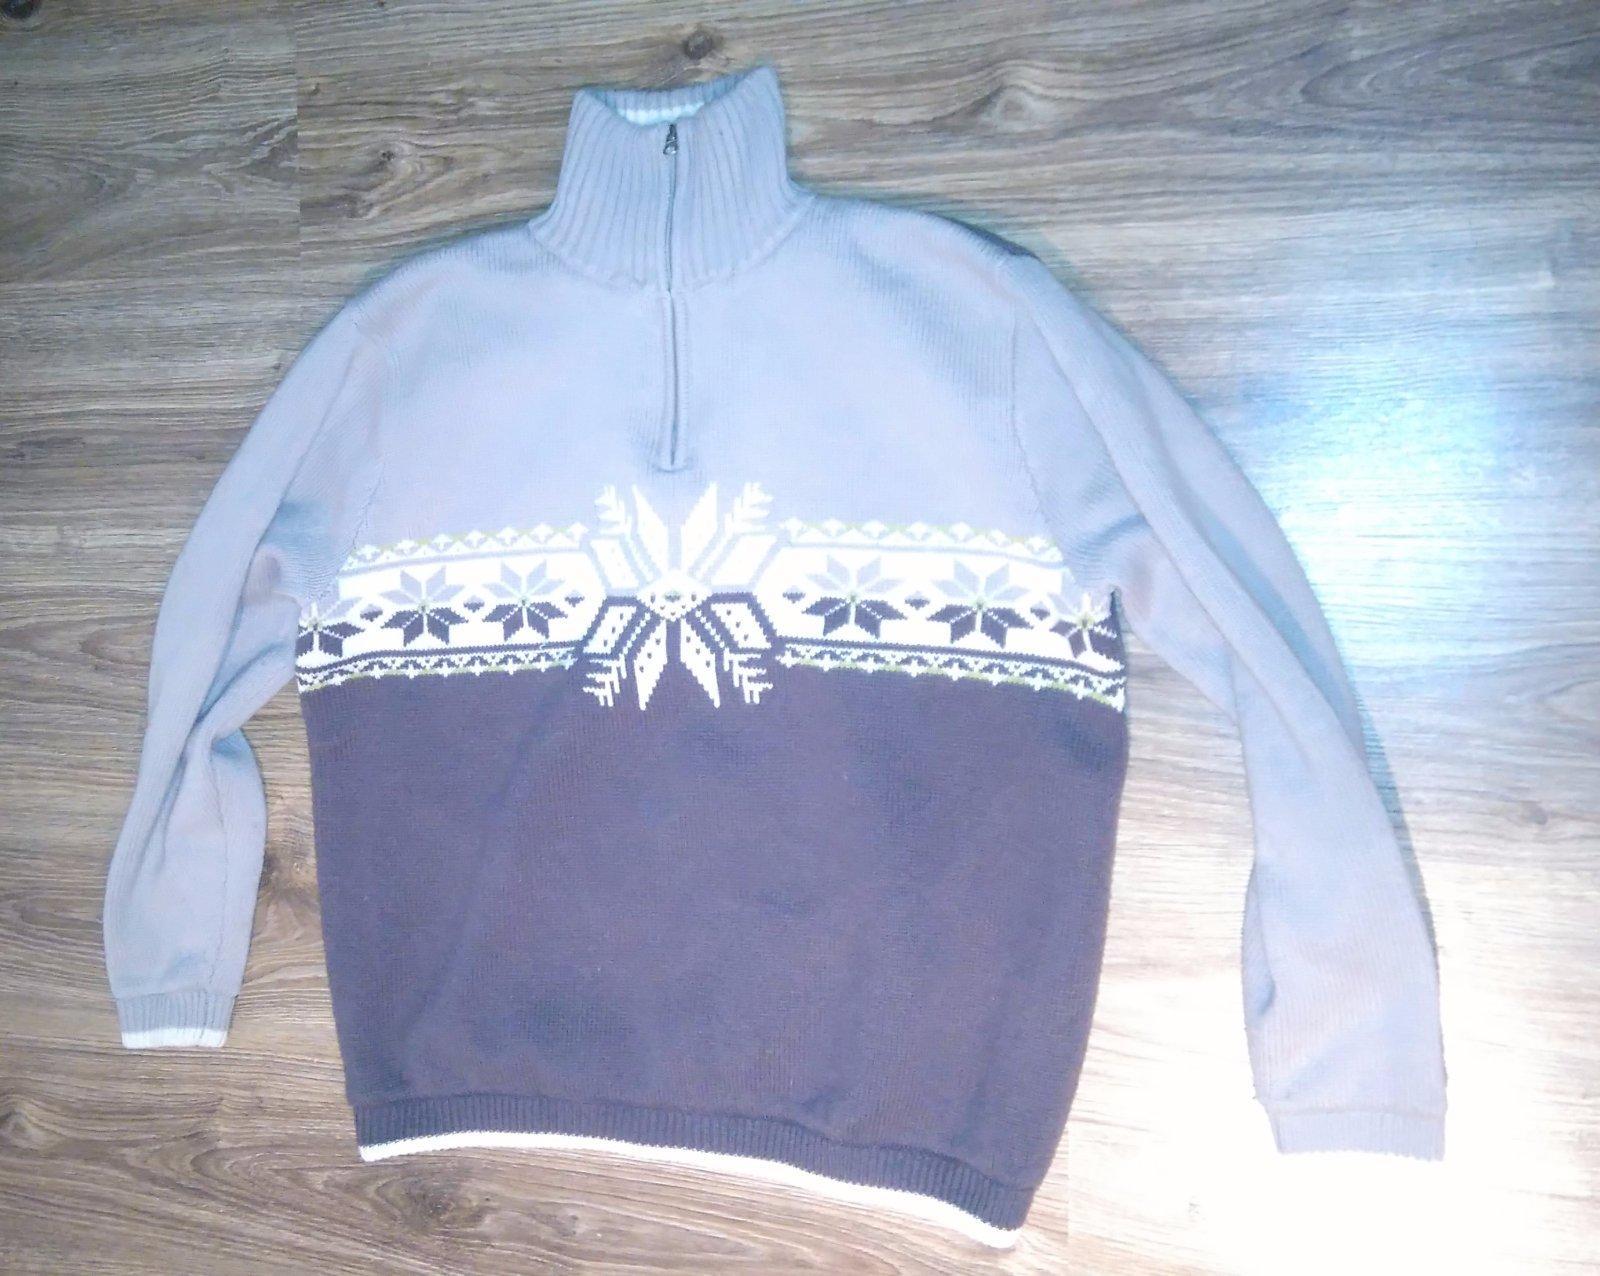 3f1f2b4fef23c Pánsky sveter s vianočným motívom, l - 7 € od predávajúcej nena7 ...